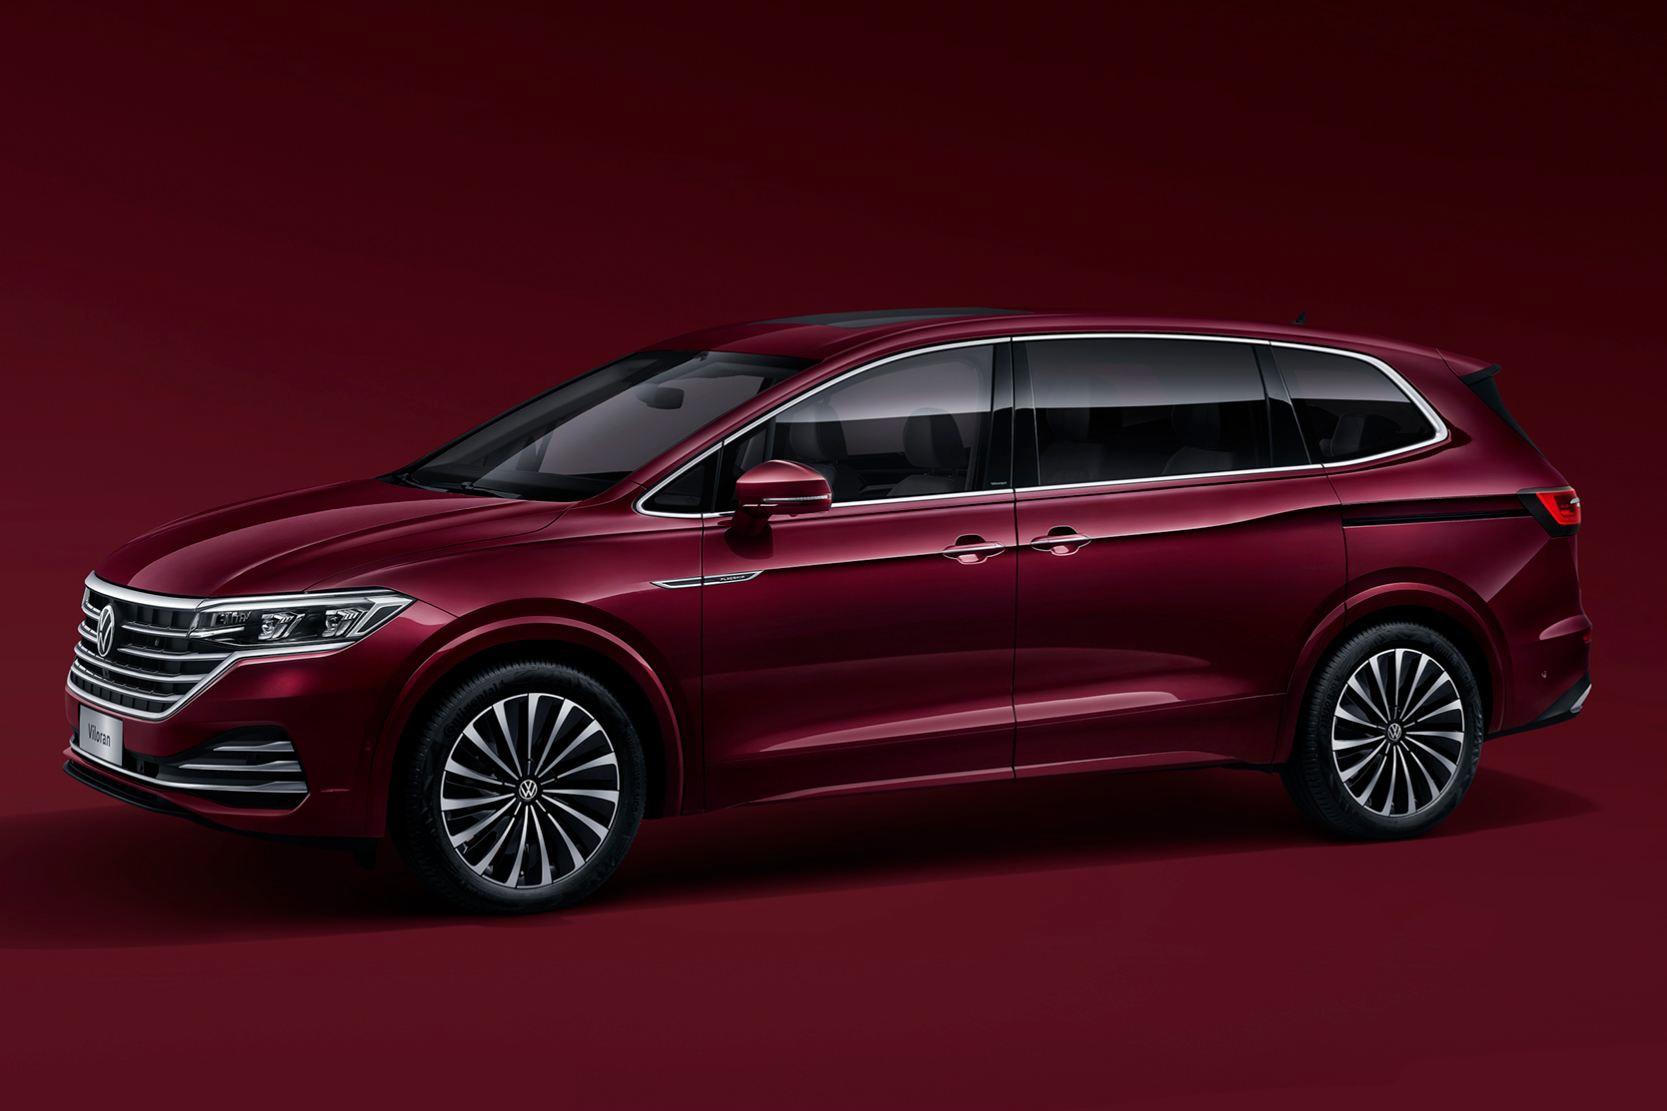 上汽大众首款豪华MPV Viloran定名威然 5月28日上市